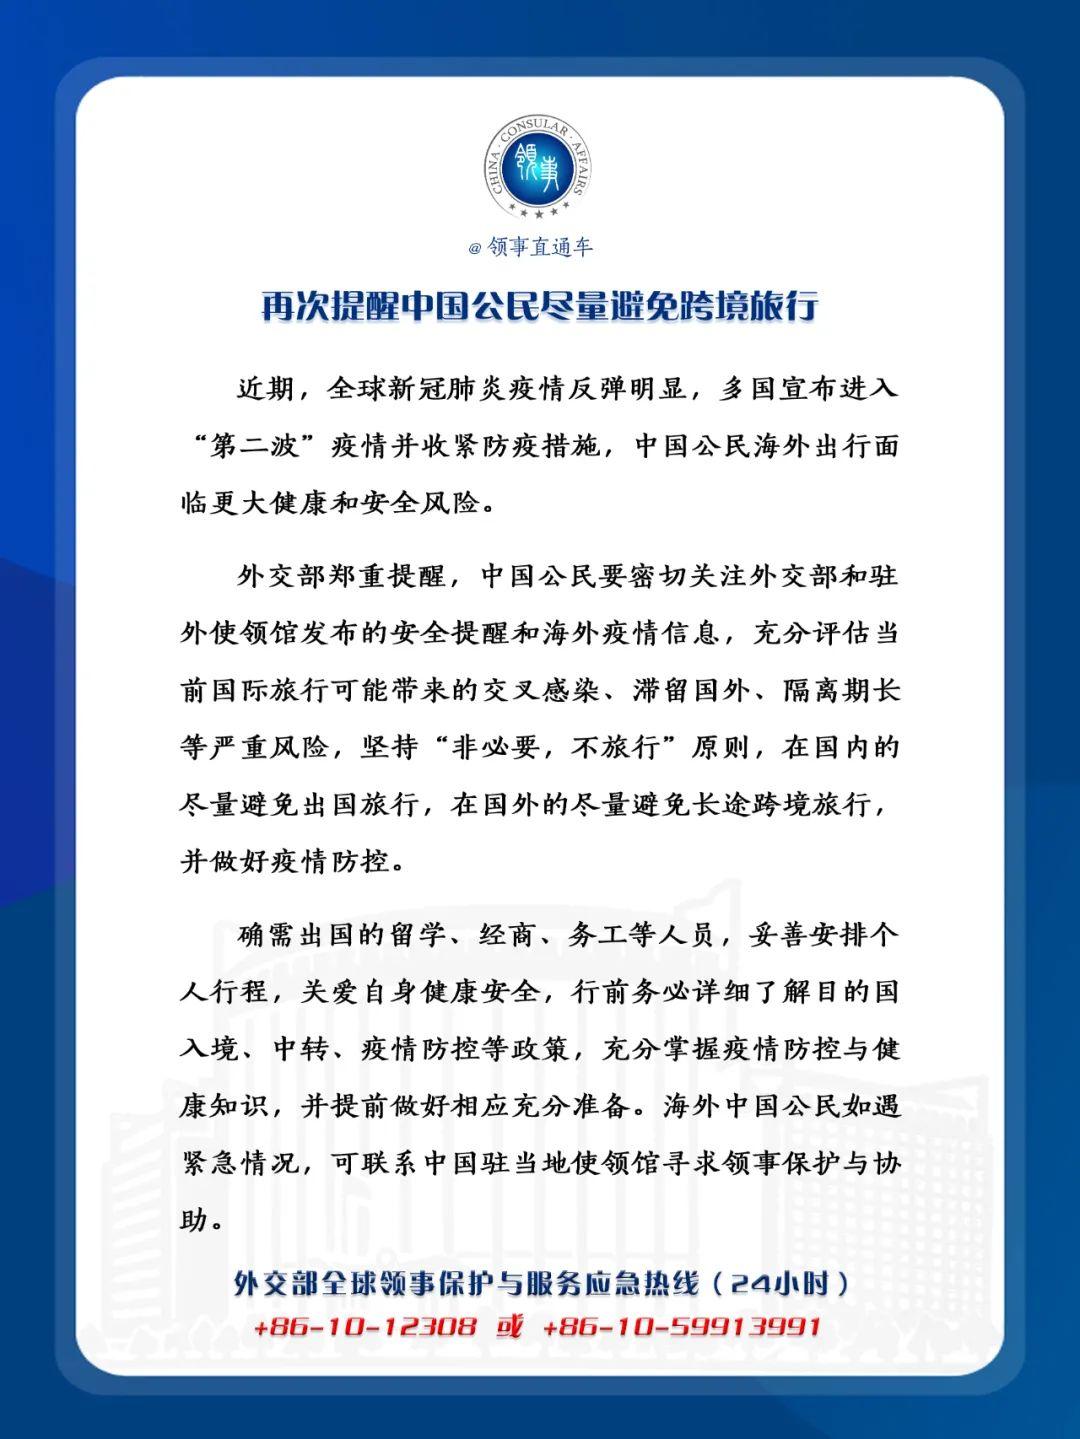 【中科天博】_外交部:再次提醒中国公民尽量避免跨境旅行